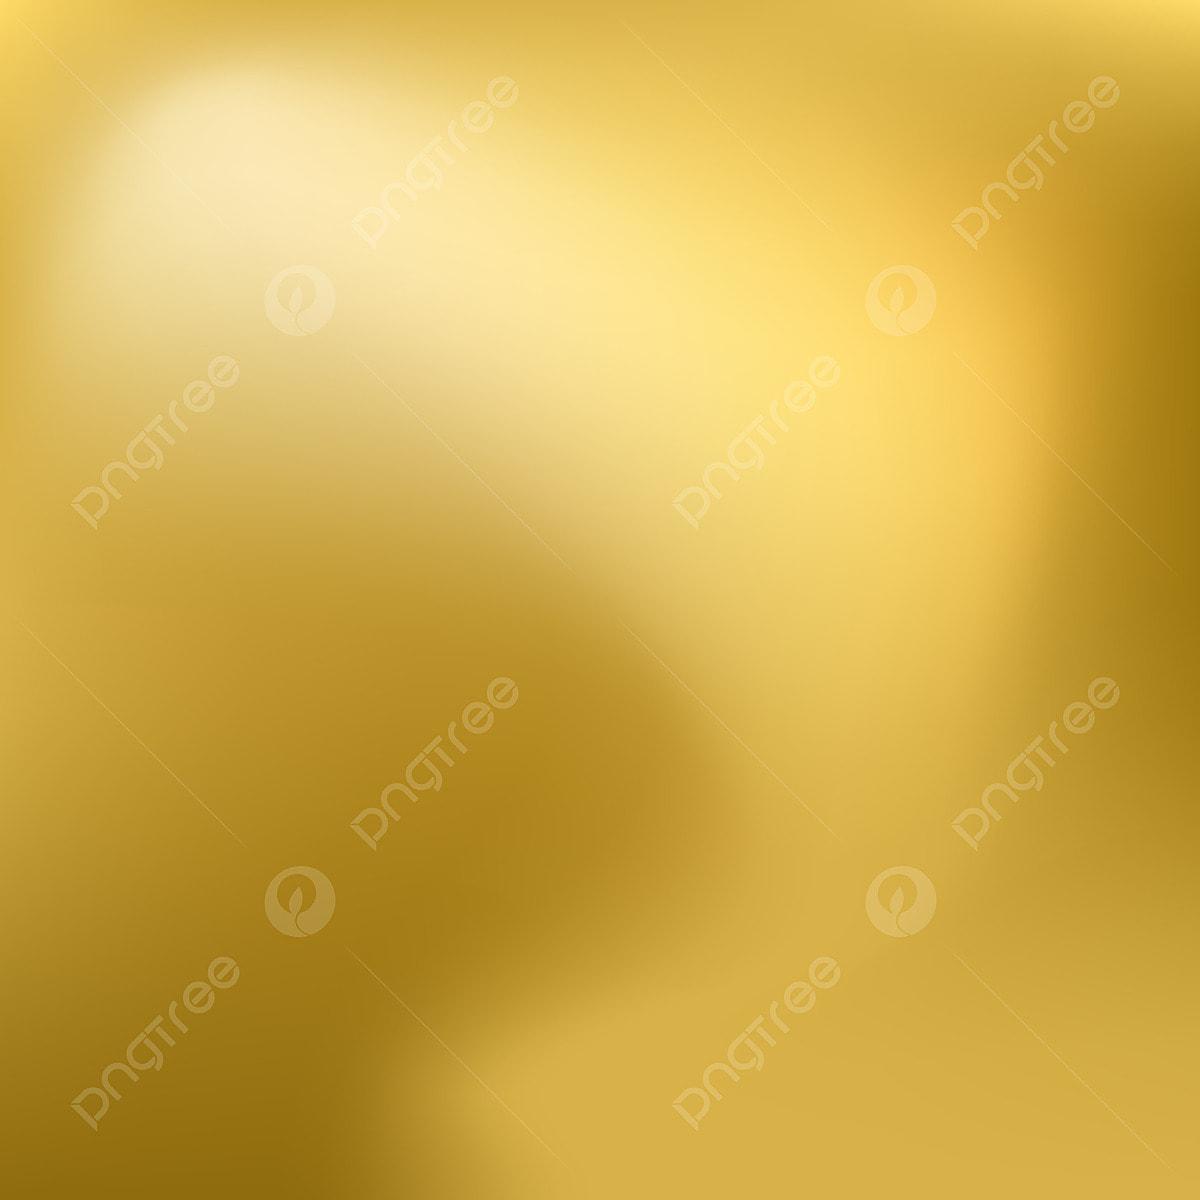 Nền Vàng Nhạt Hoa Hòe Ngày Nghỉ Hoặc Hôn Nhân Màu Vàng Nền